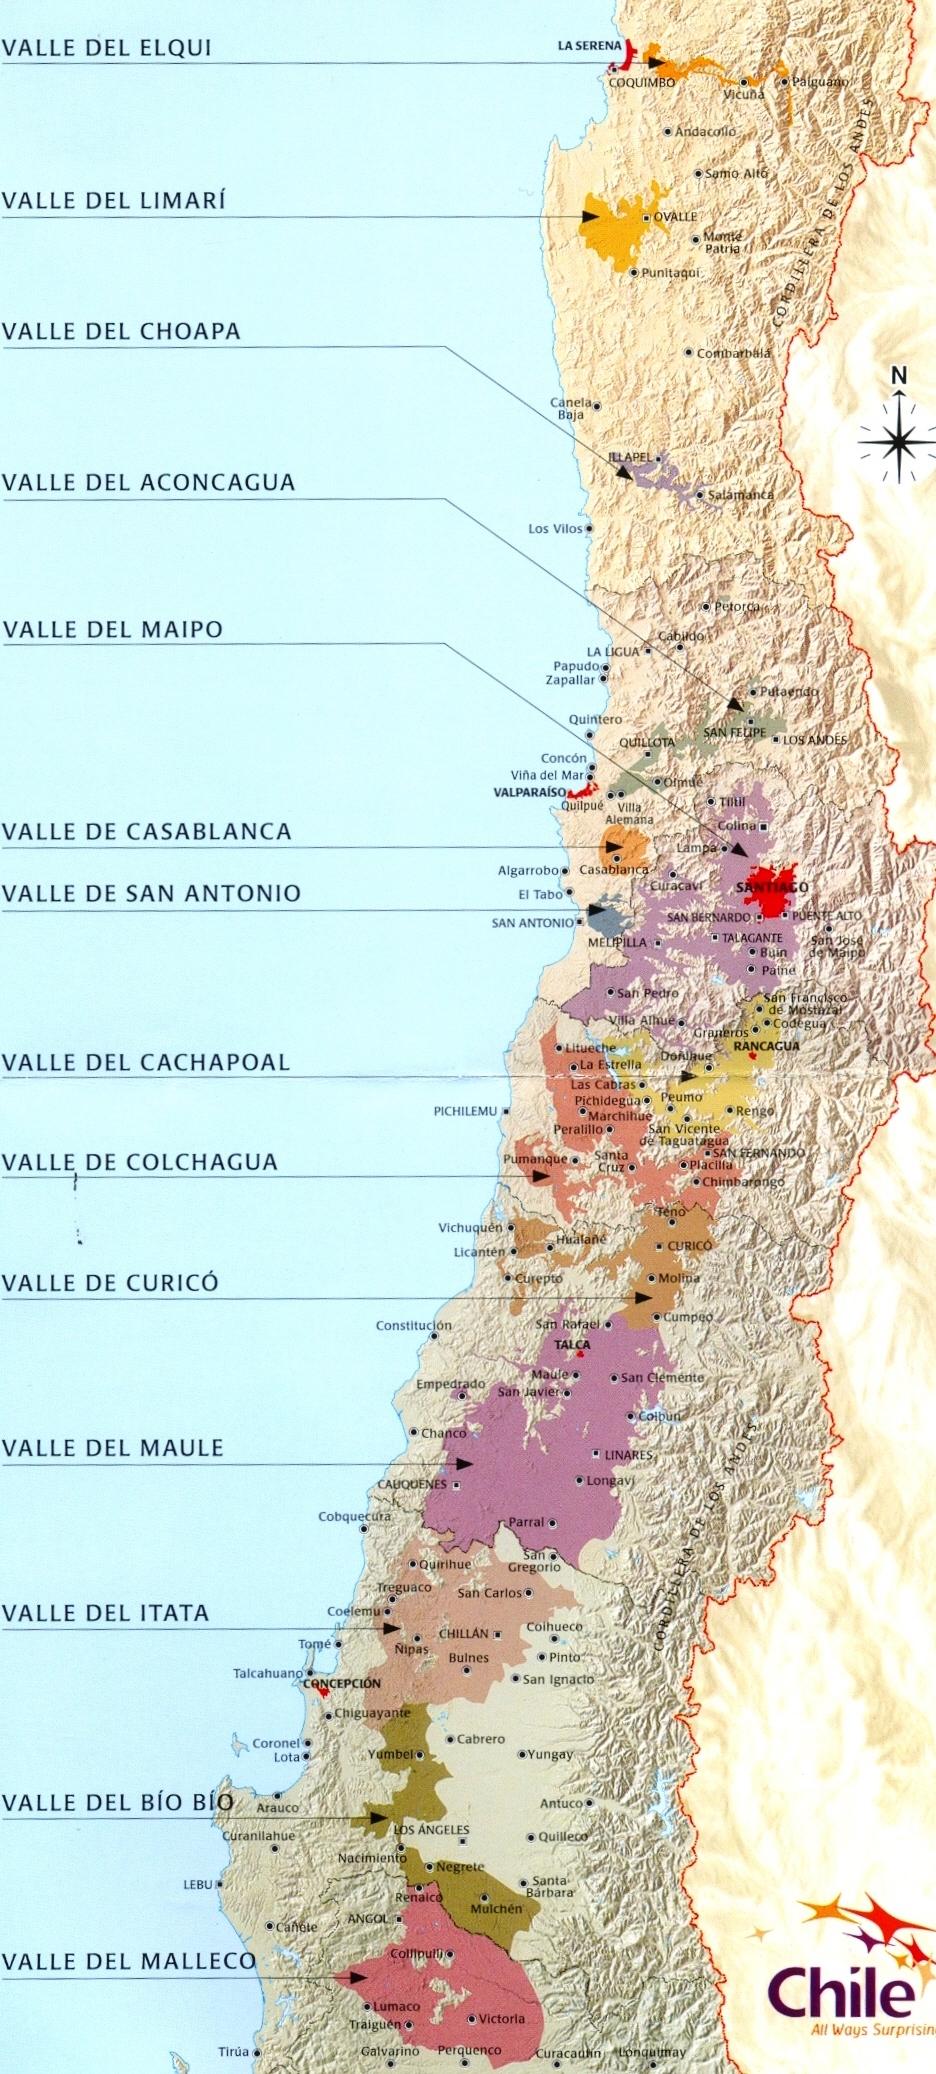 Regiões Vinícolas do Chile - Viva o Vinho